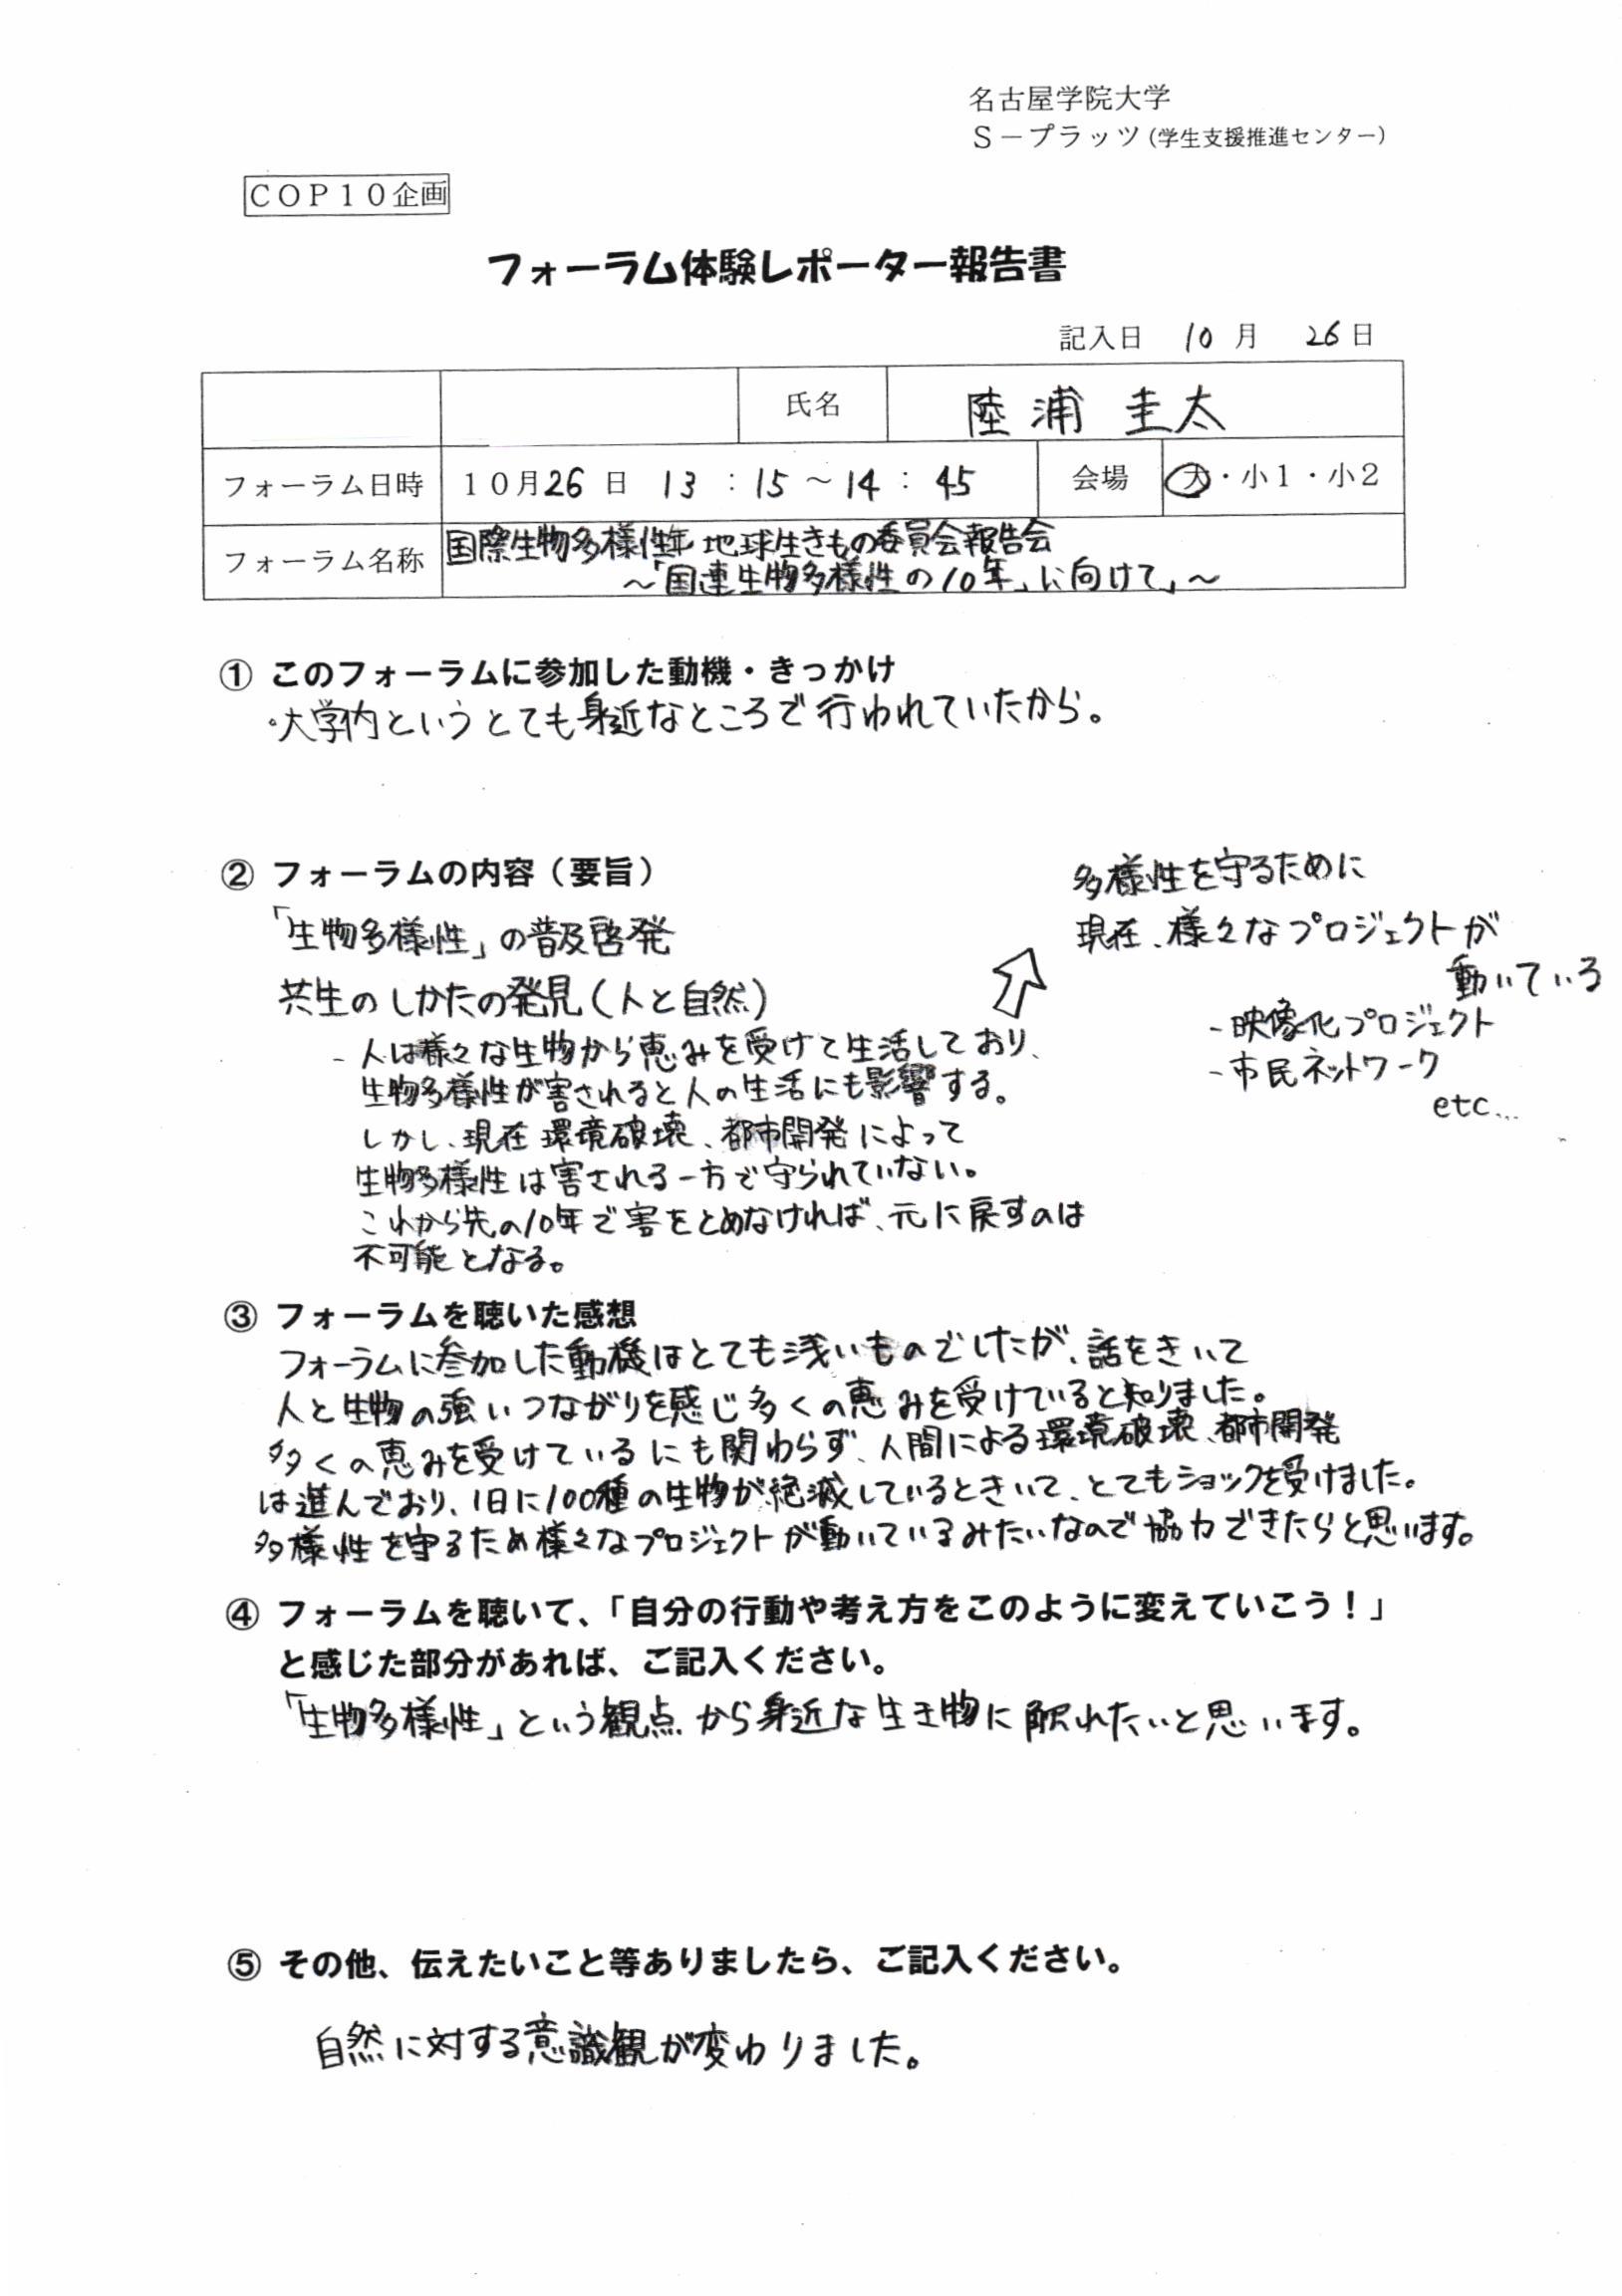 フォーラム体験レポーター報告陸浦